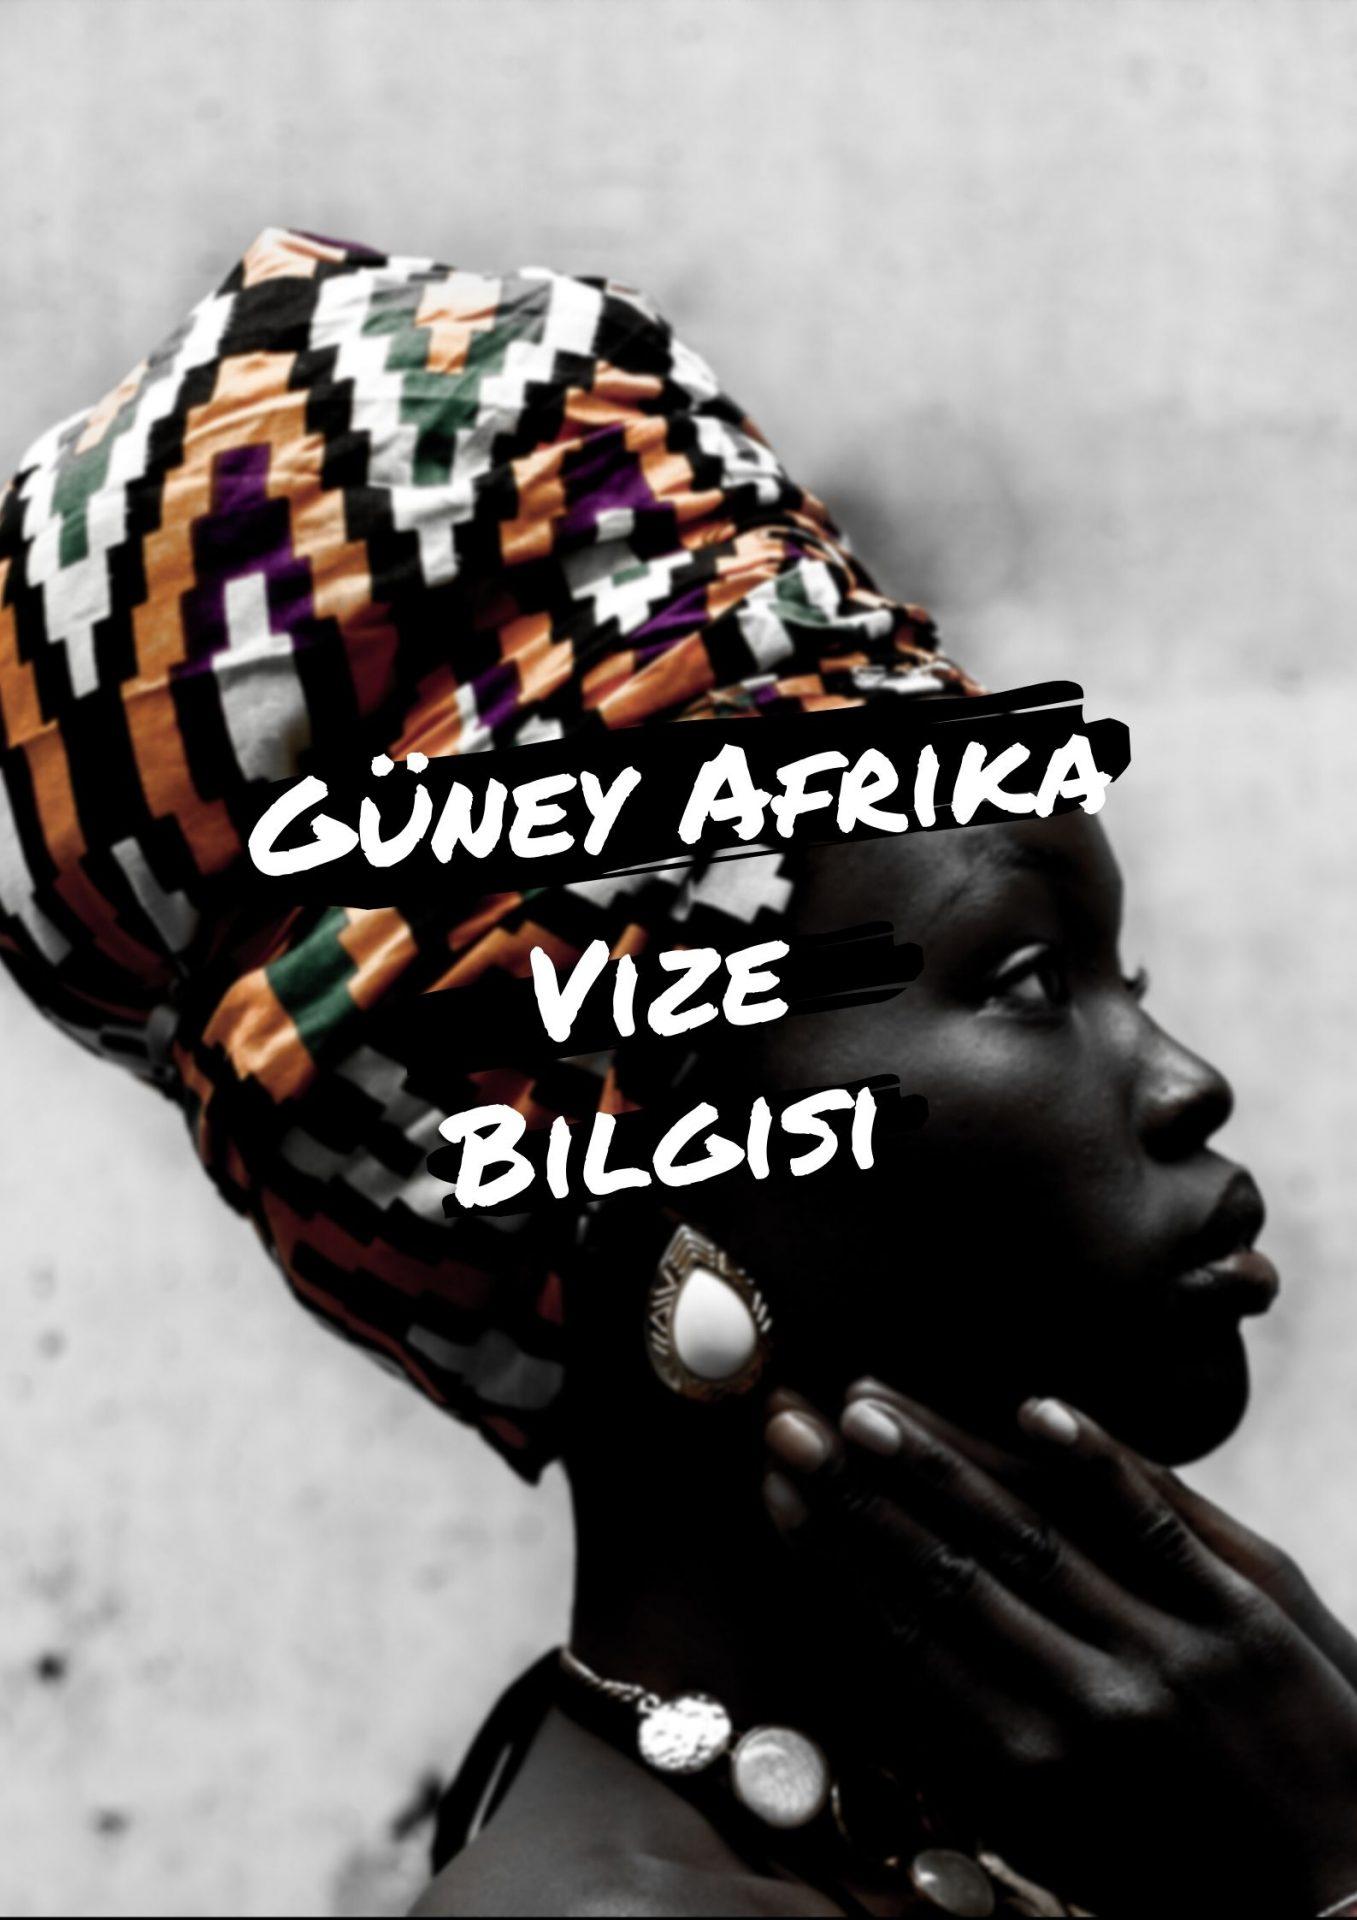 güney afrika vize bilgisi - vize ofis ankara - vizeofis